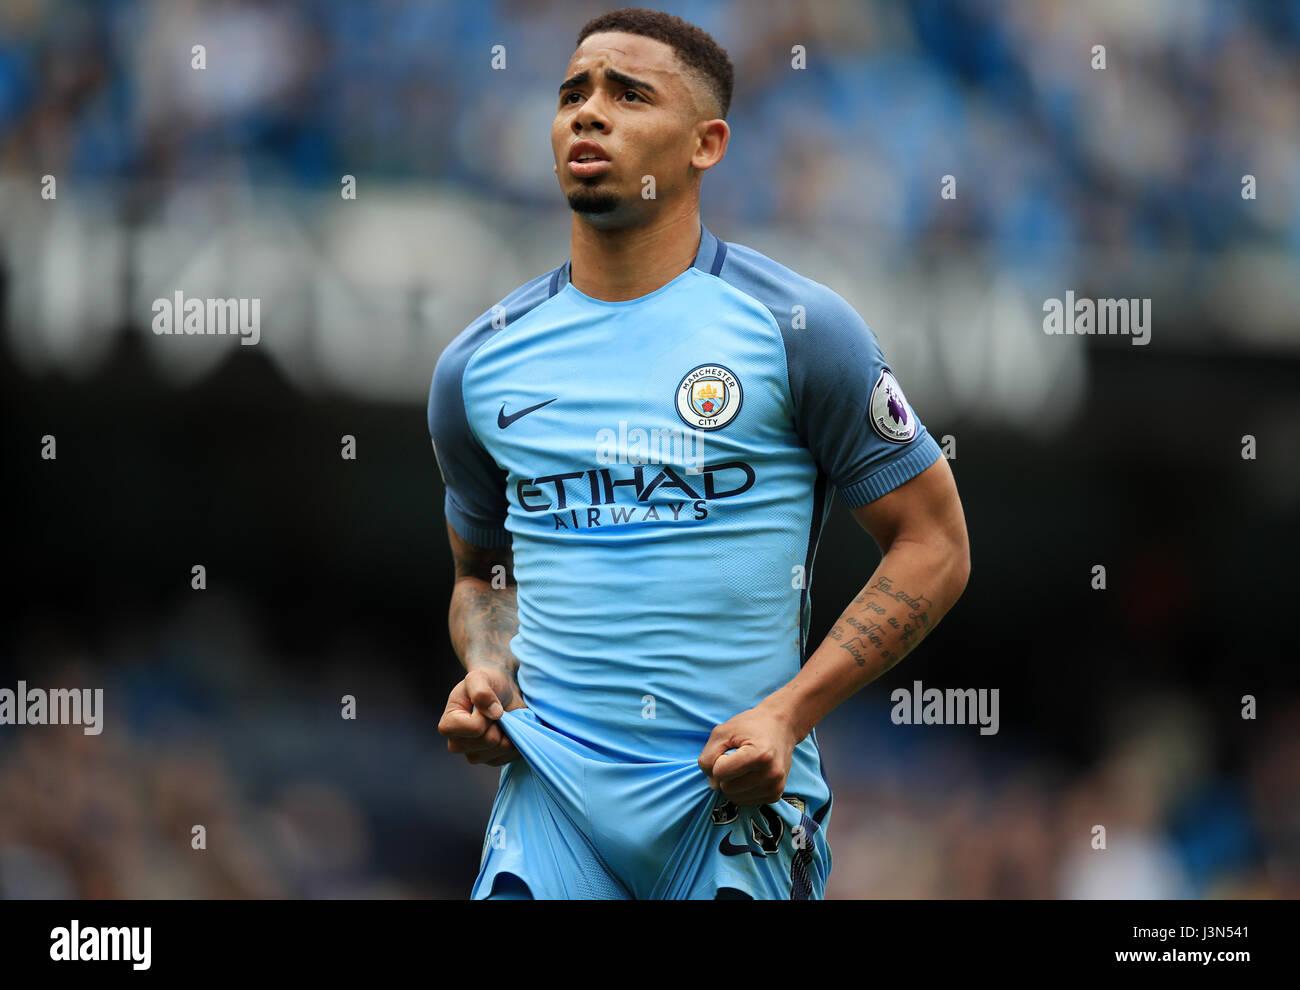 Manchester City s Gabriel Jesus during the Premier League match at